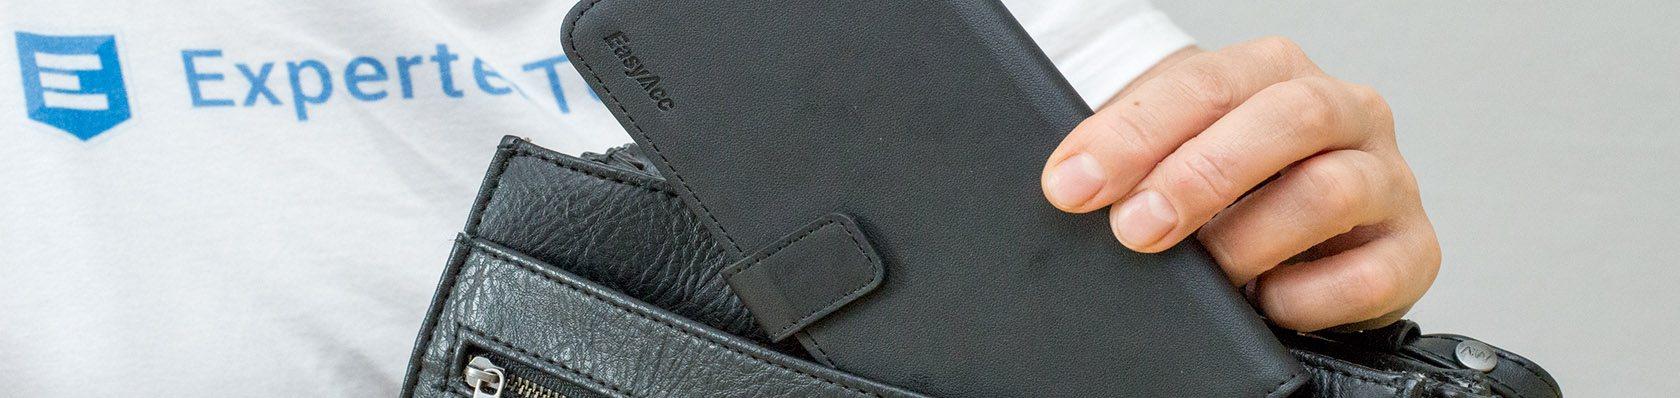 Samsung Galaxy A5 Modelle im Test auf ExpertenTesten.de